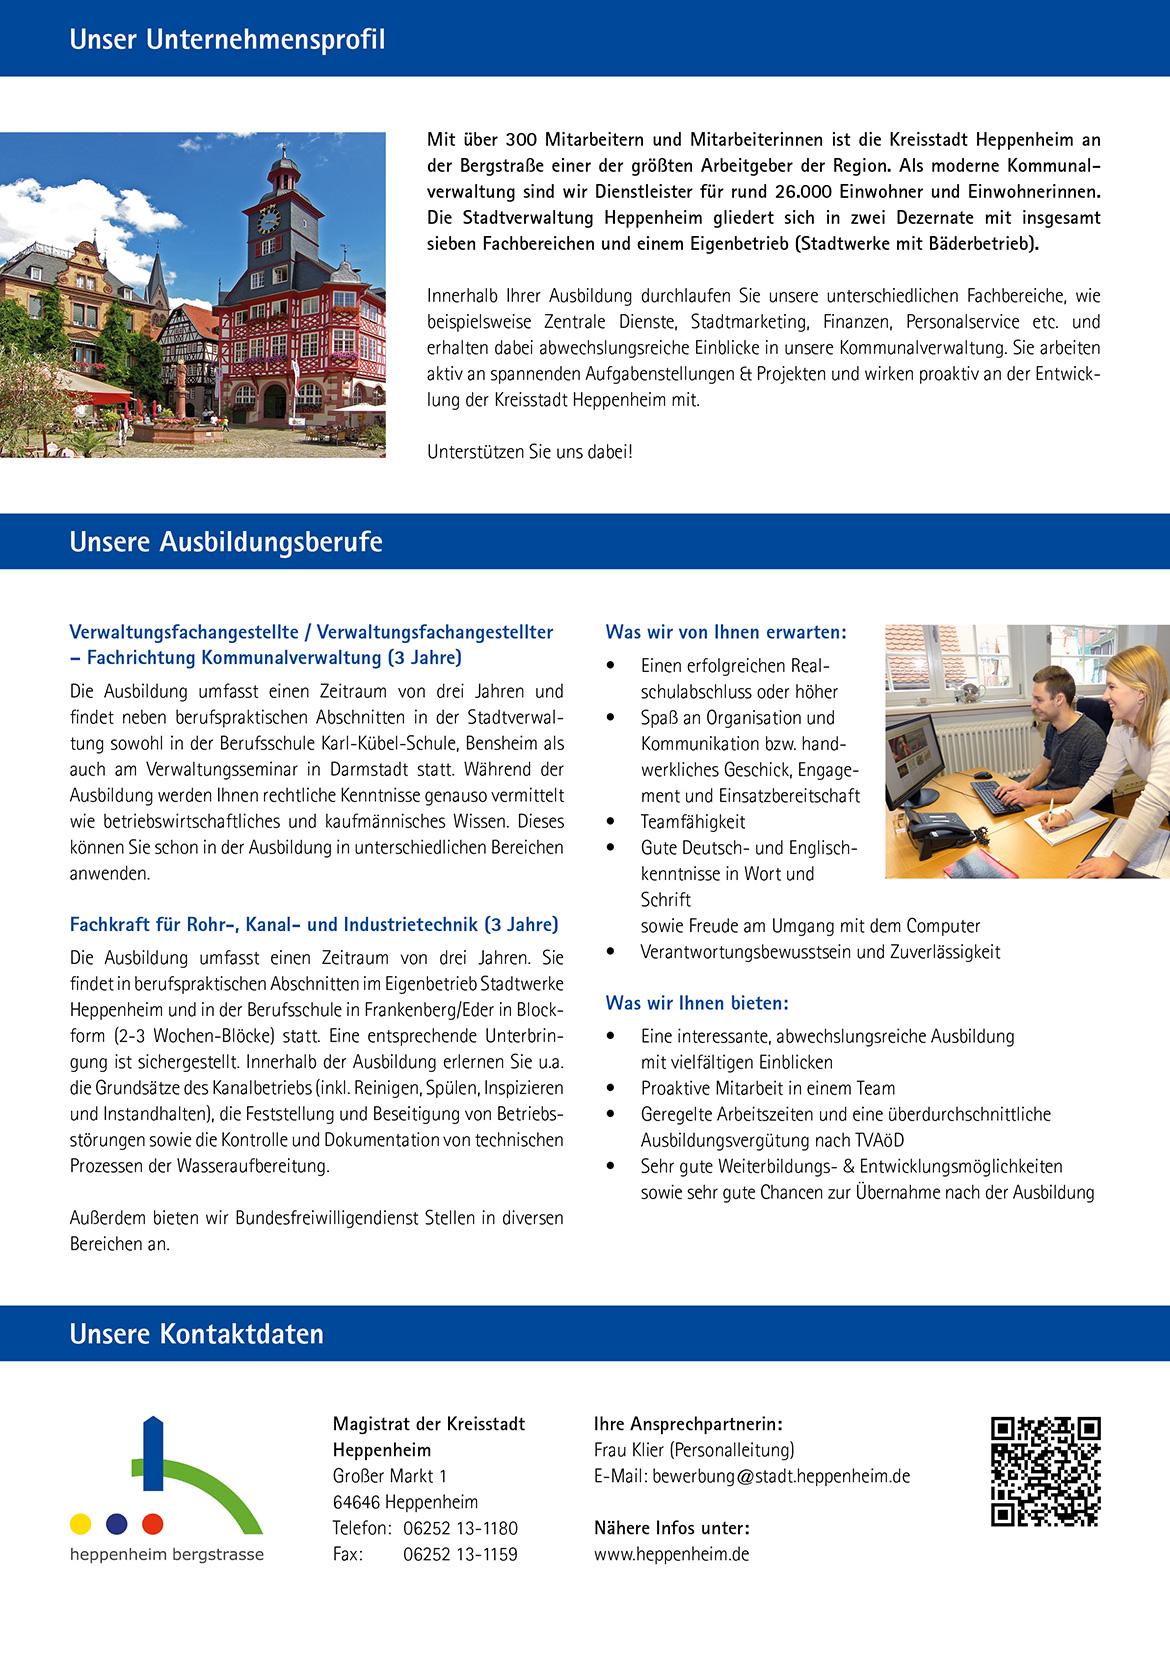 Ausbildungsplakat: Magistrat der Kreisstadt Heppenheim